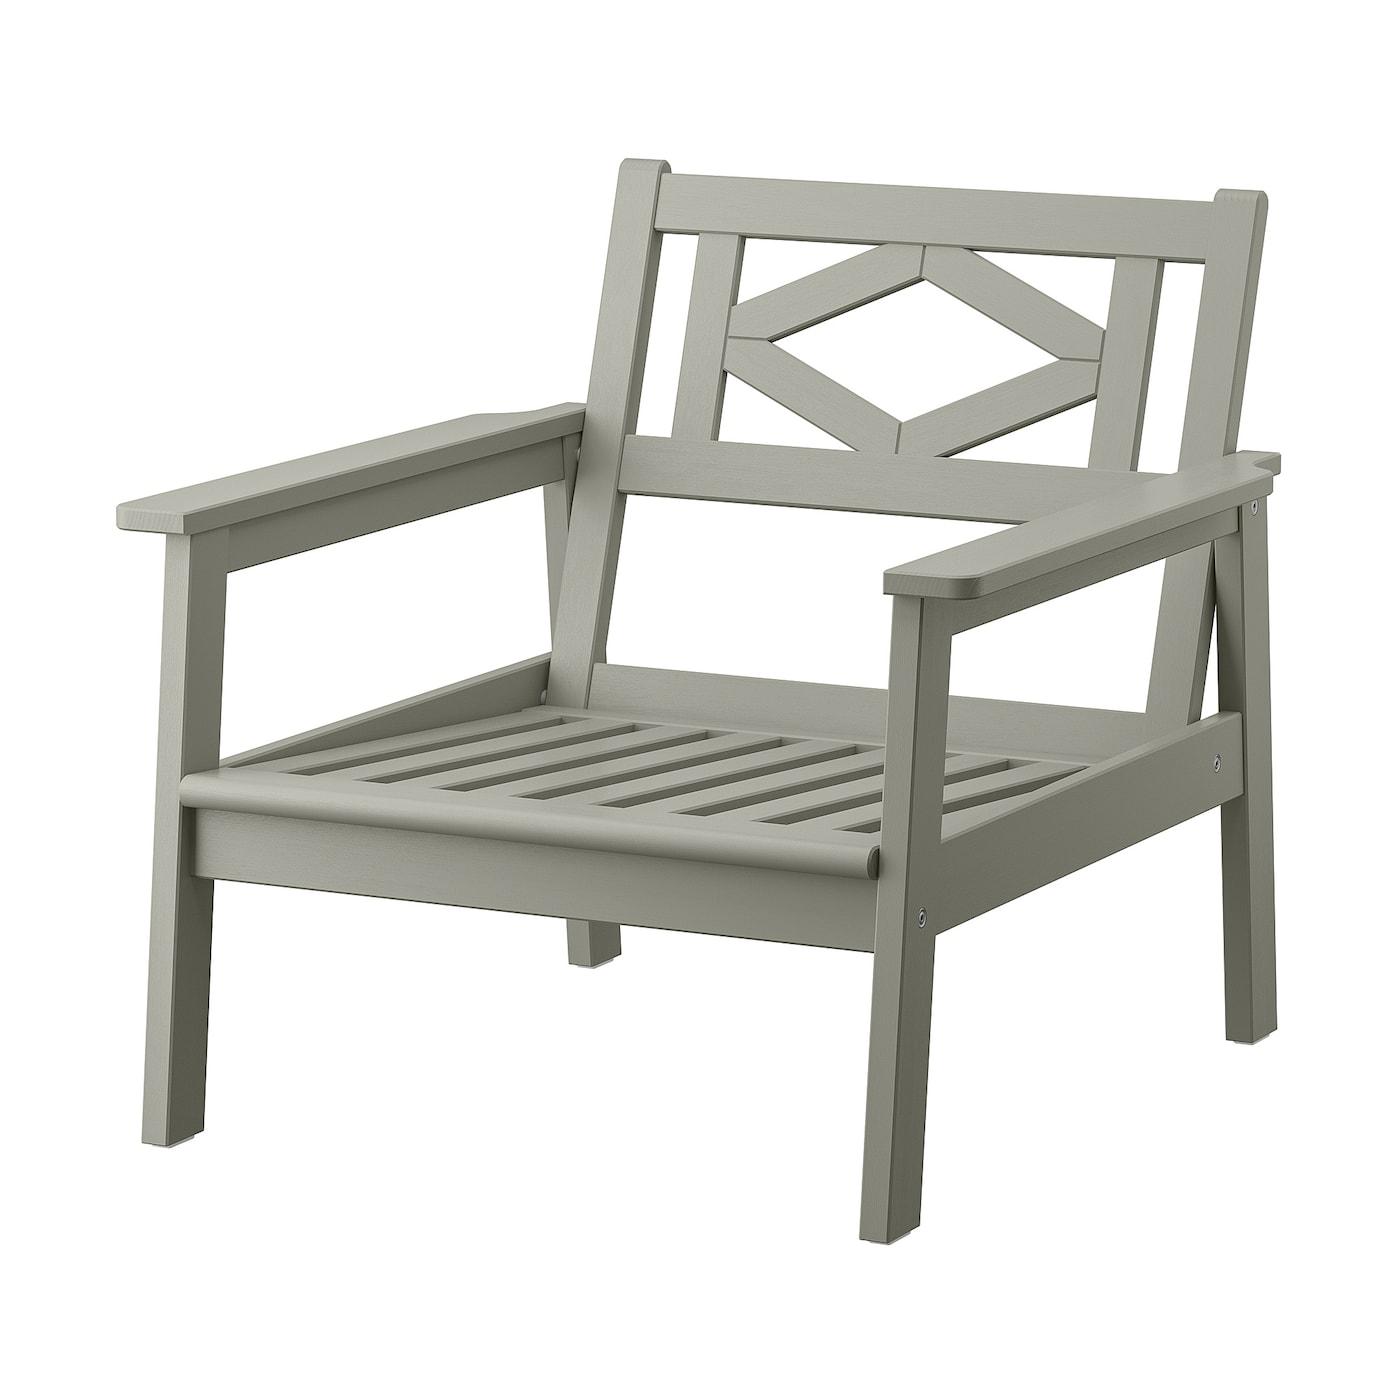 BONDHOLMEN Armchair, outdoor - grey